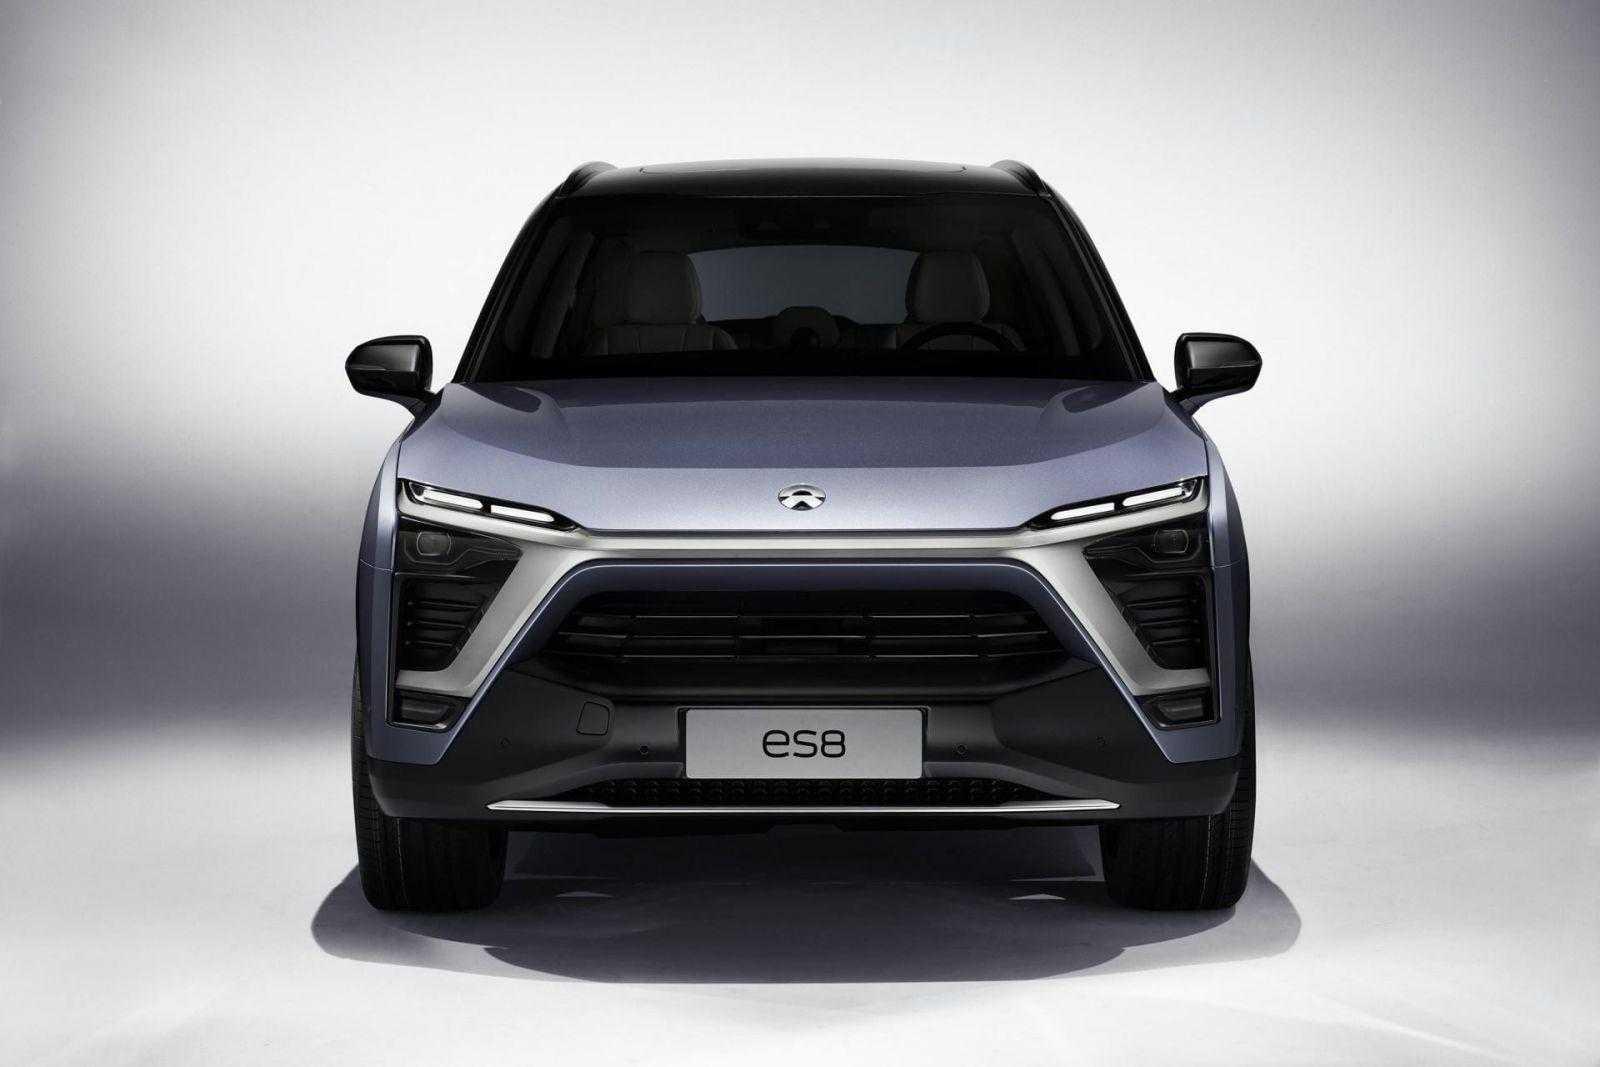 Китайский конкурент Tesla Model X поступил в продажу (G2)